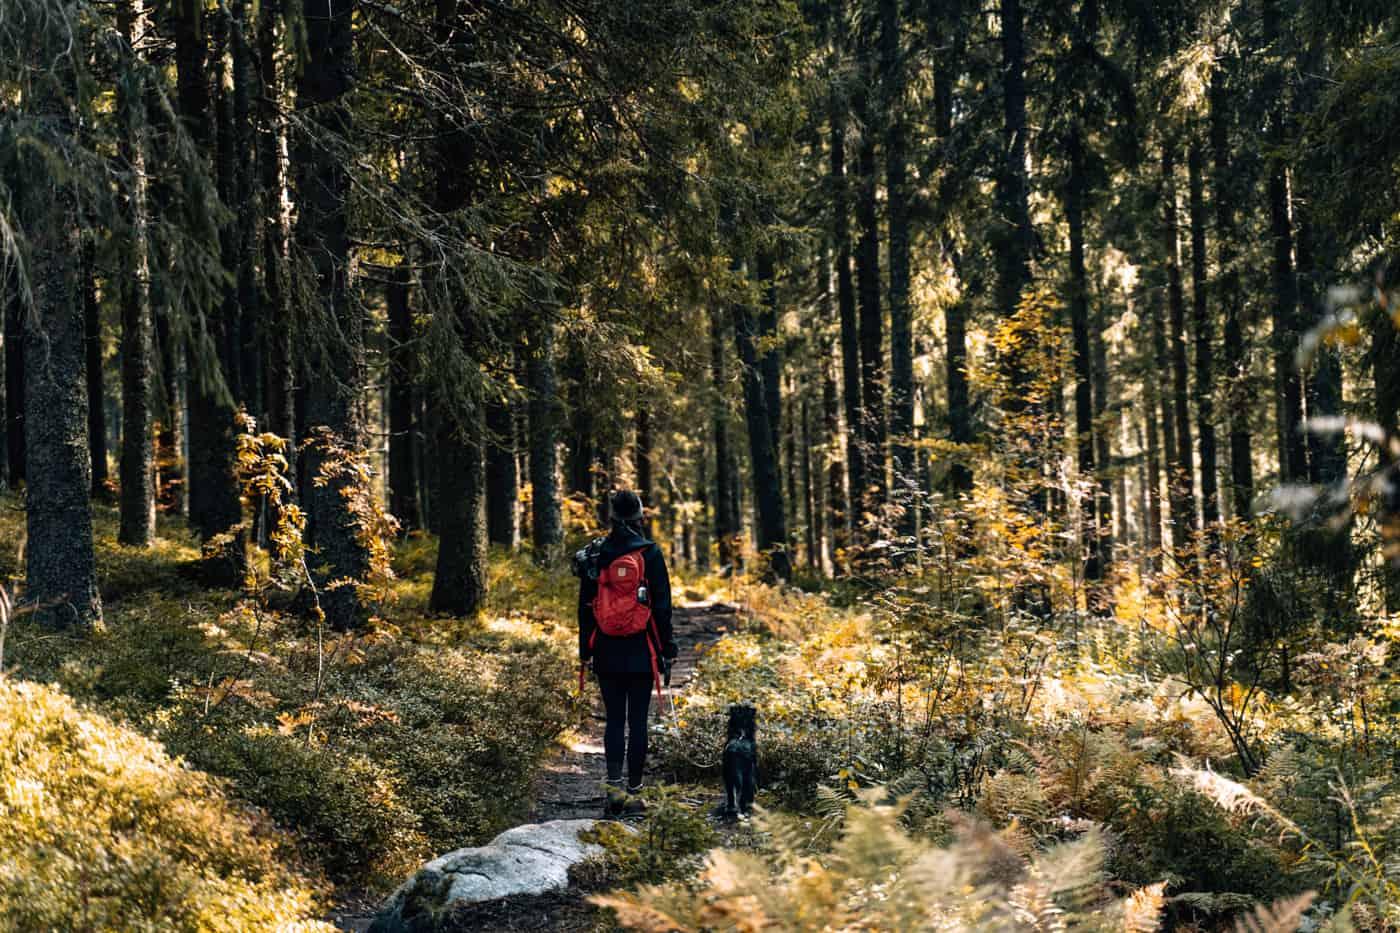 Wandern im Südschwarzwald - die schönsten Touren: Jägersteig am Schluchsee